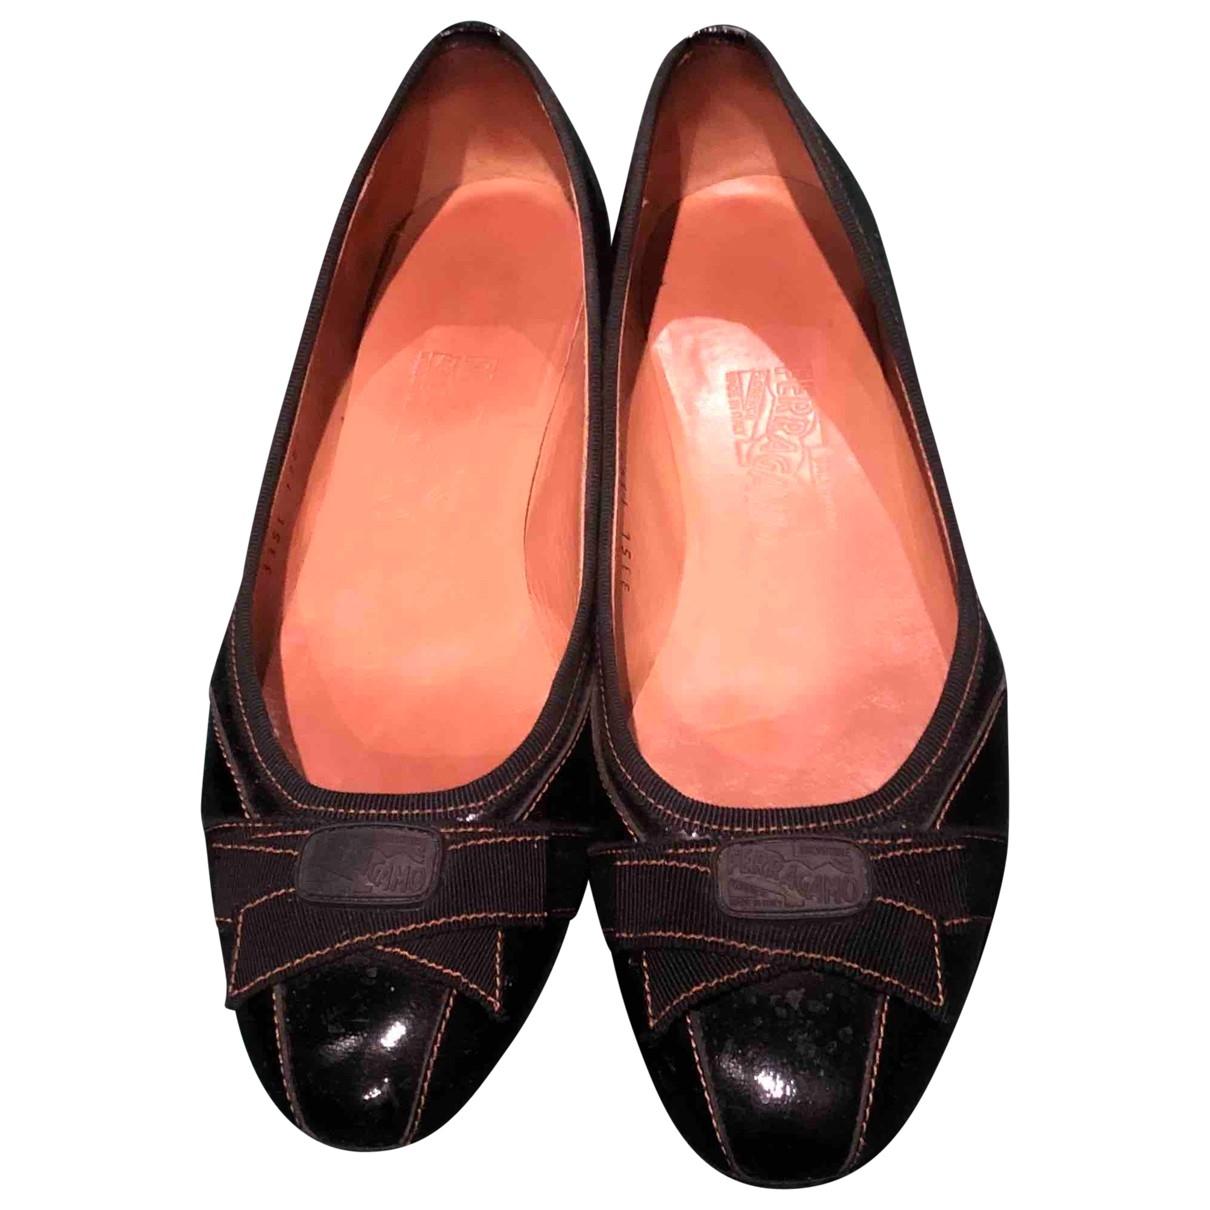 Salvatore Ferragamo - Ballerines   pour femme en cuir - noir